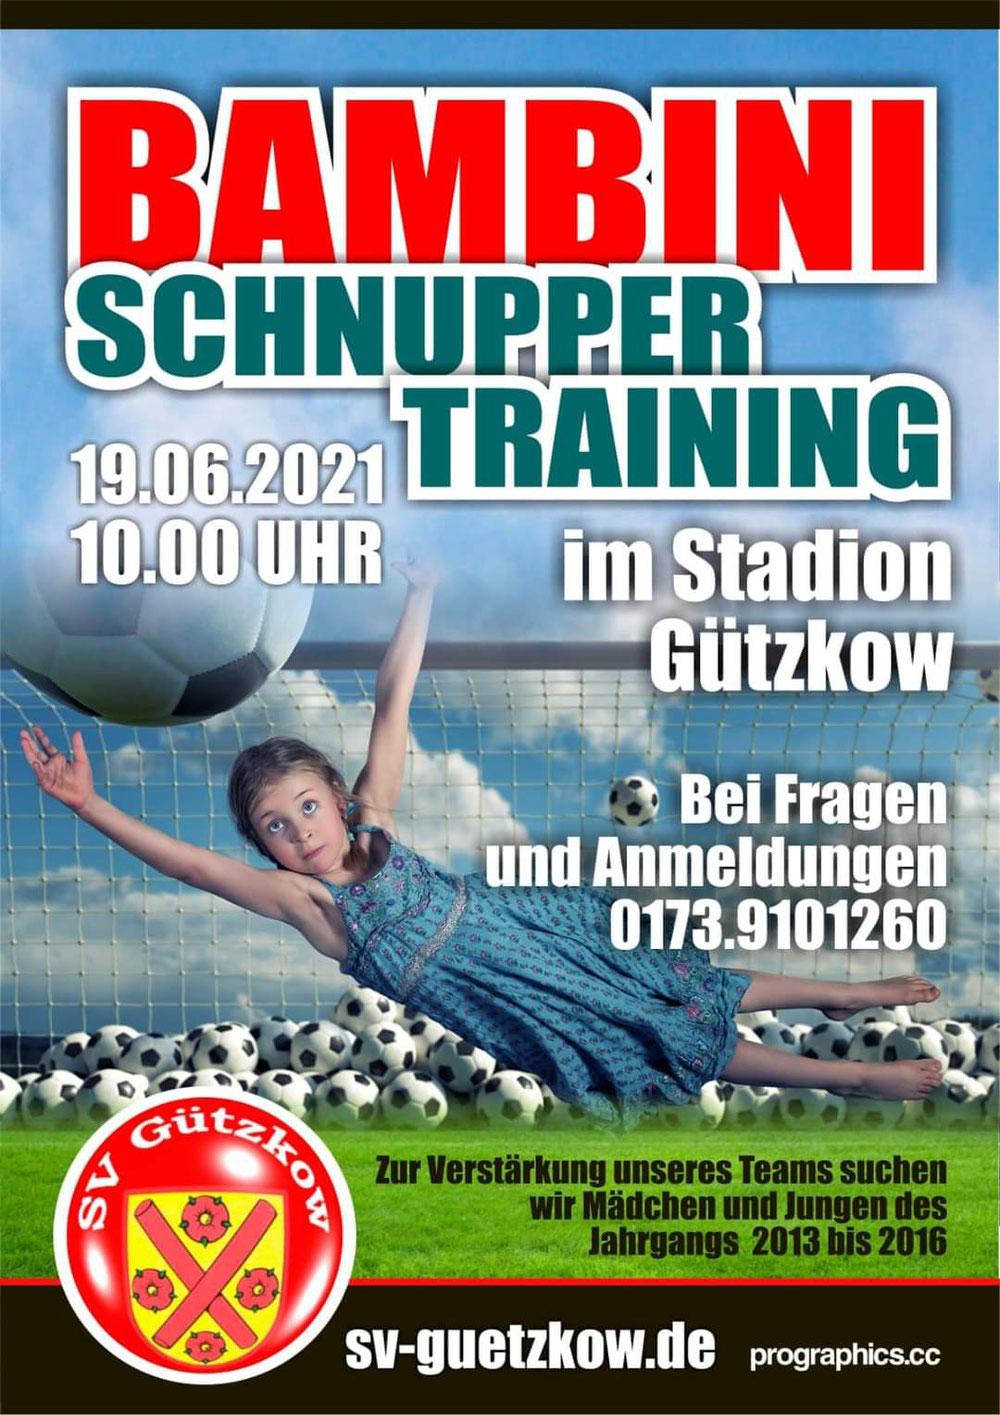 Für alle kleinen Sportbegeisterten, Training mit viel Spaß und Bewegungsfreude...